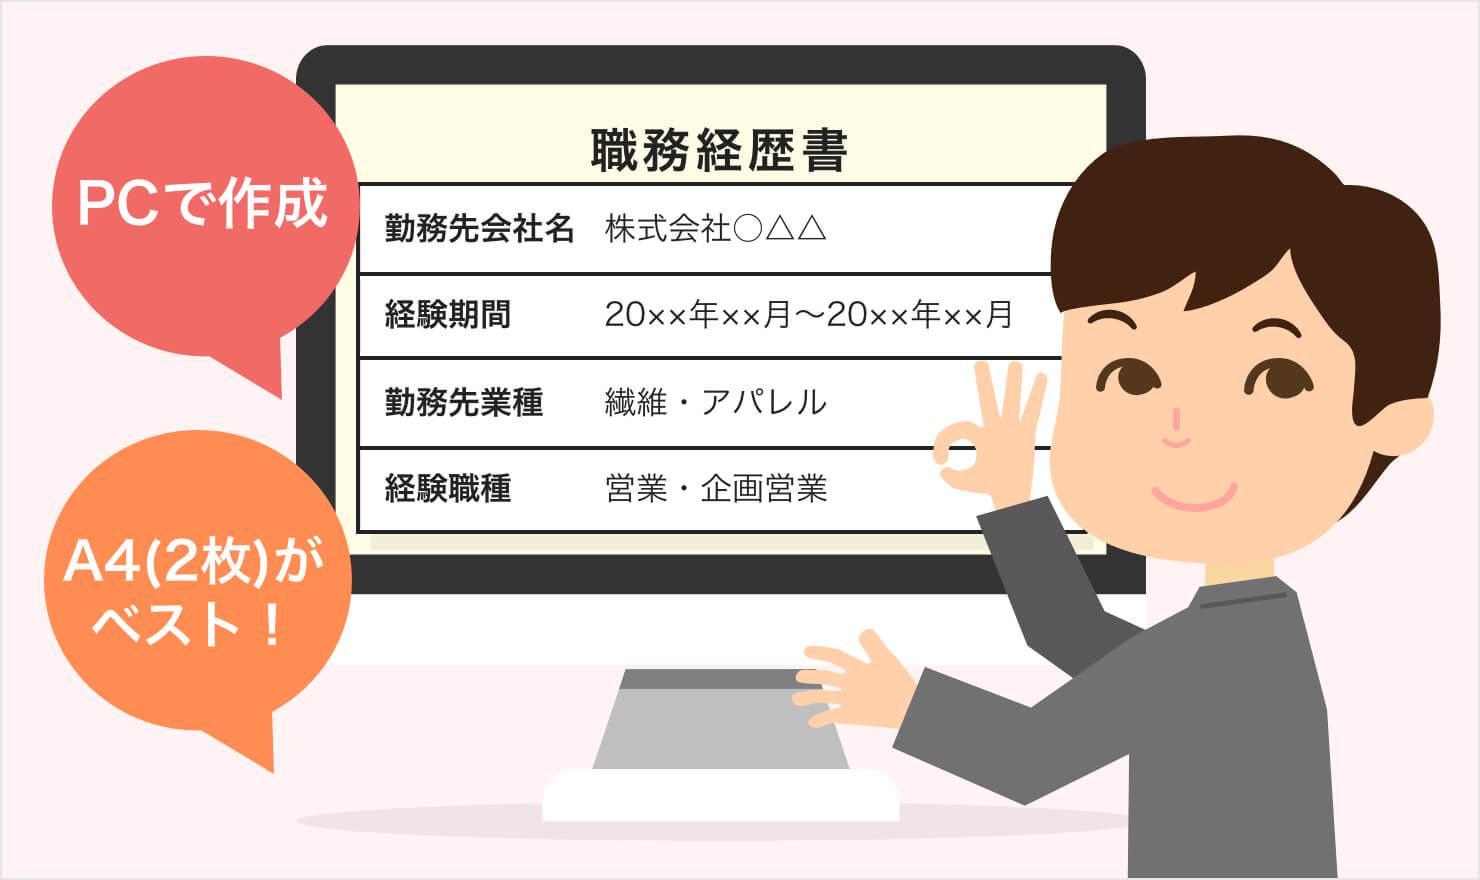 【魅力を伝える!】職務経歴書の基本項目と記入形式を徹底解説!